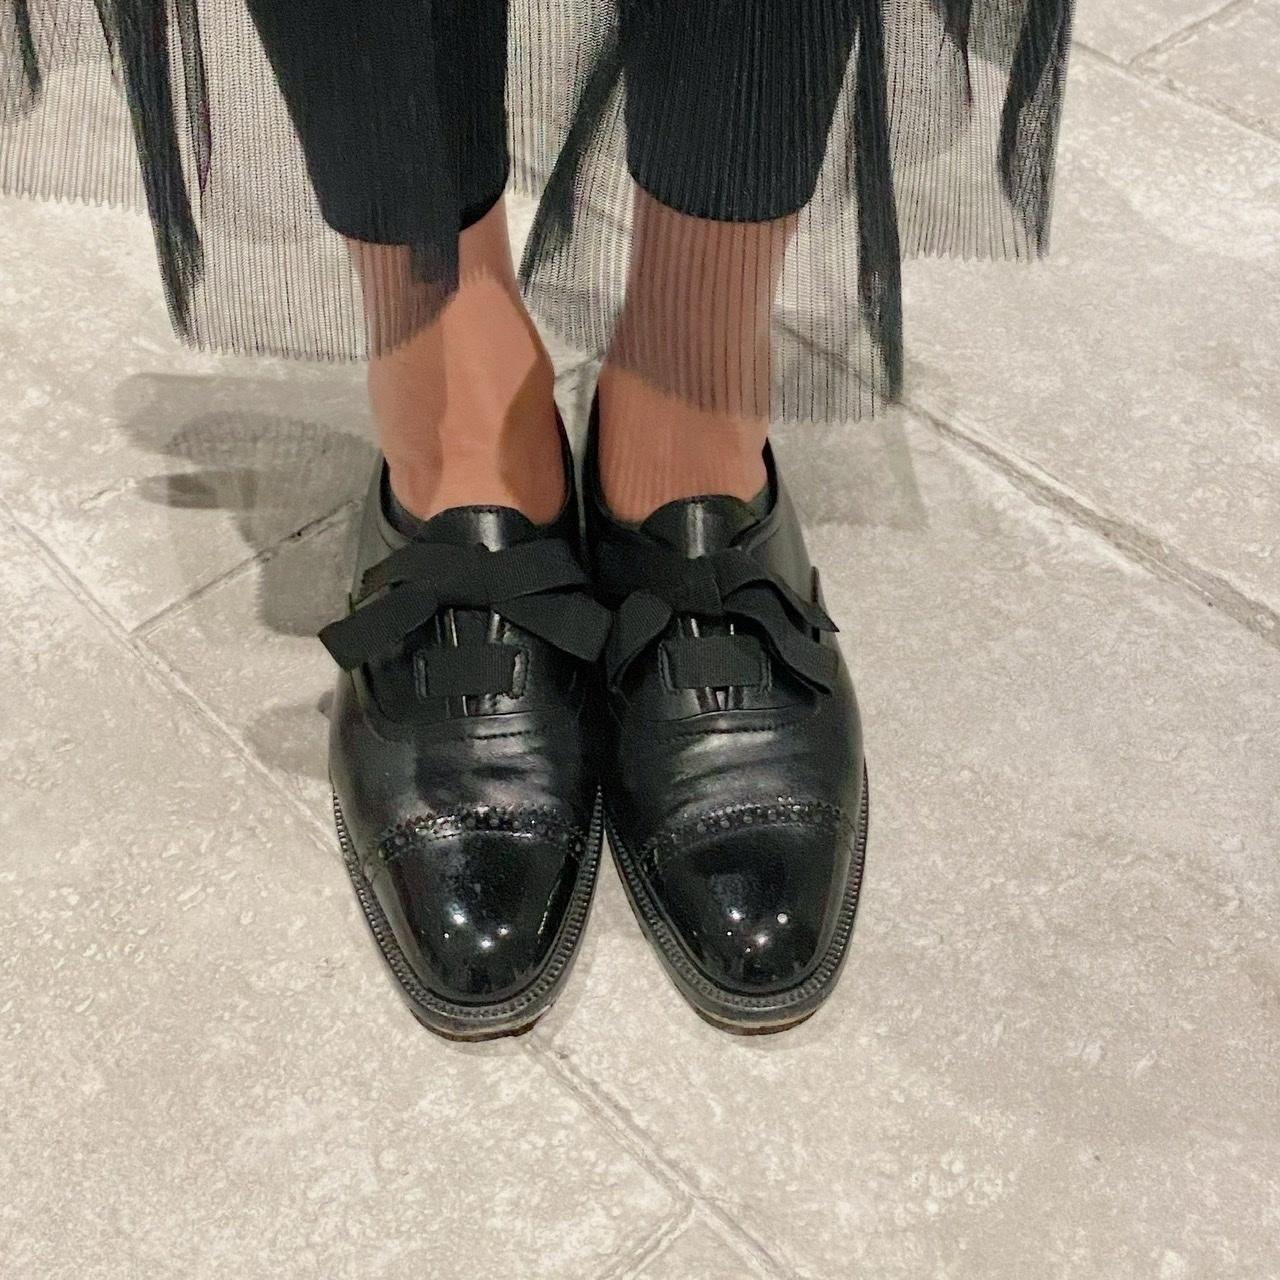 10月号特別付録のバッグと格上げフラット靴で話題のミュージカル鑑賞へ_1_3-1